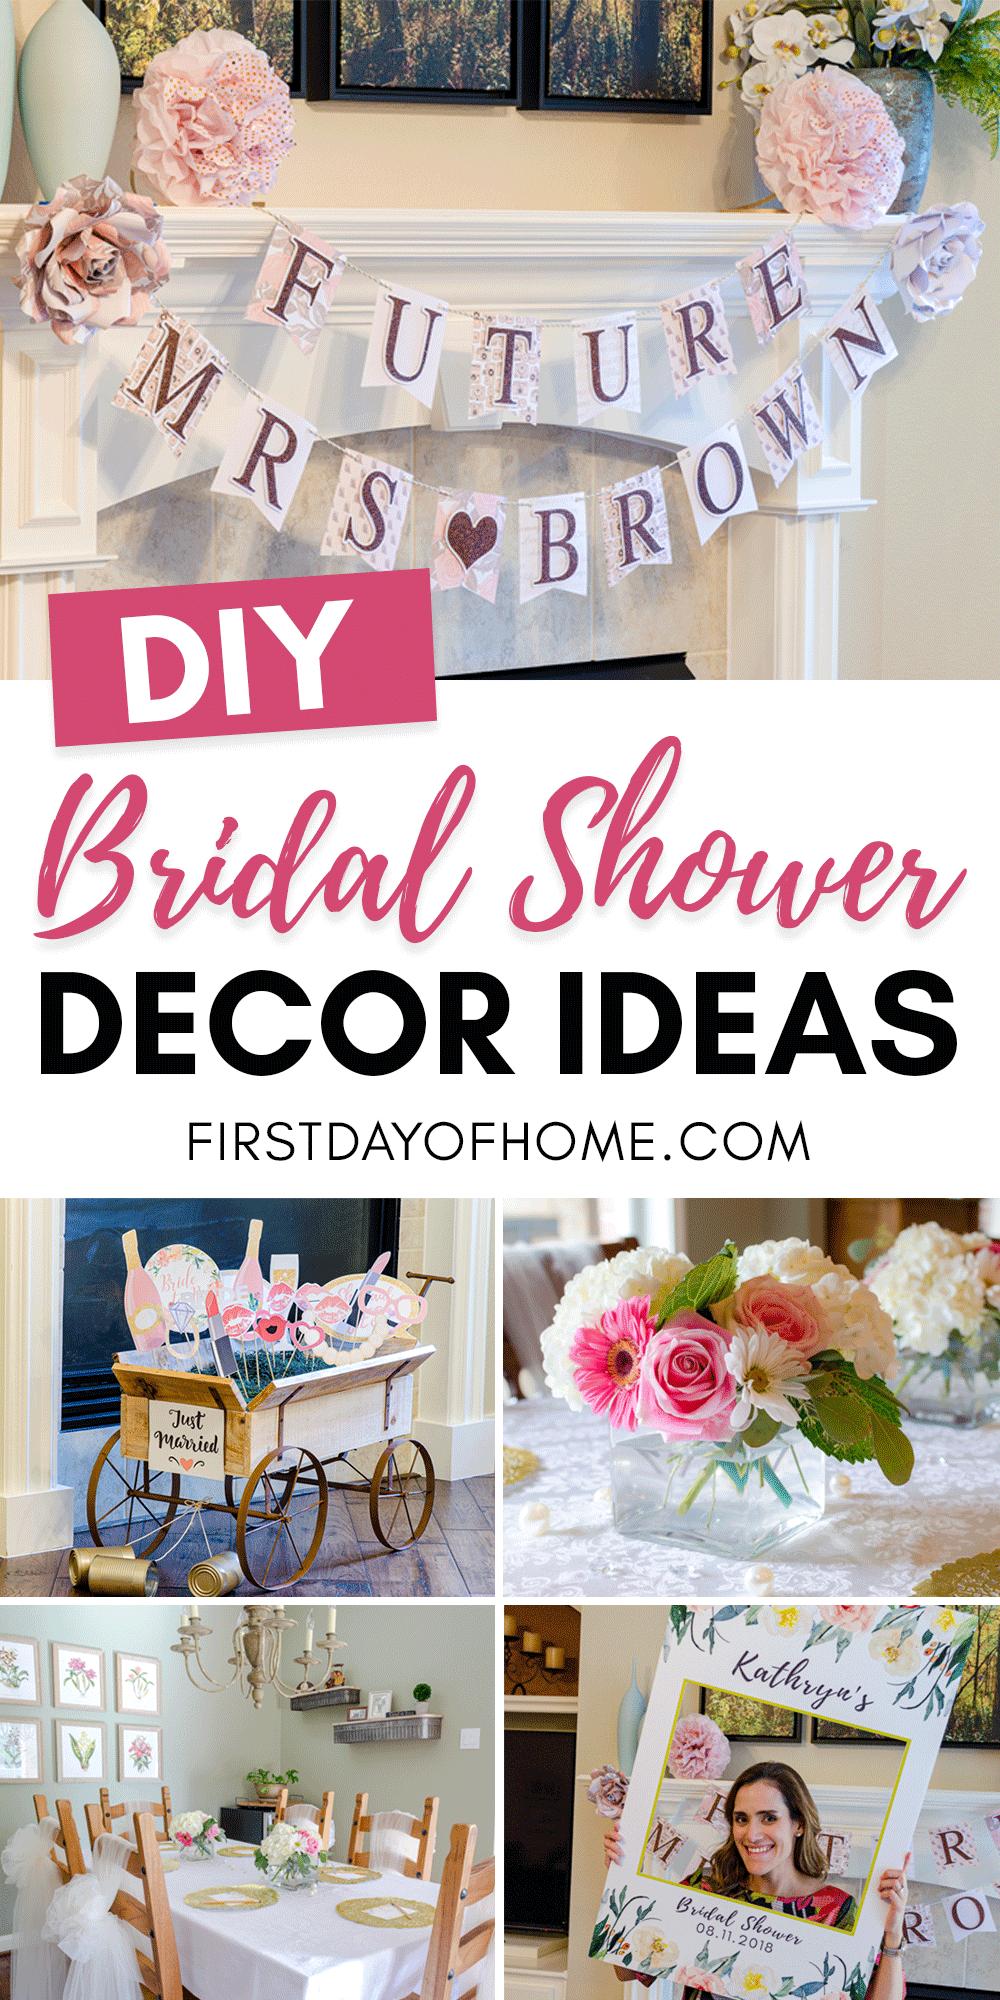 The Best Elegant And Affordable Bridal Shower Decorations Bridal Shower Diy Simple Bridal Shower Decorations Bridal Shower Decorations Diy